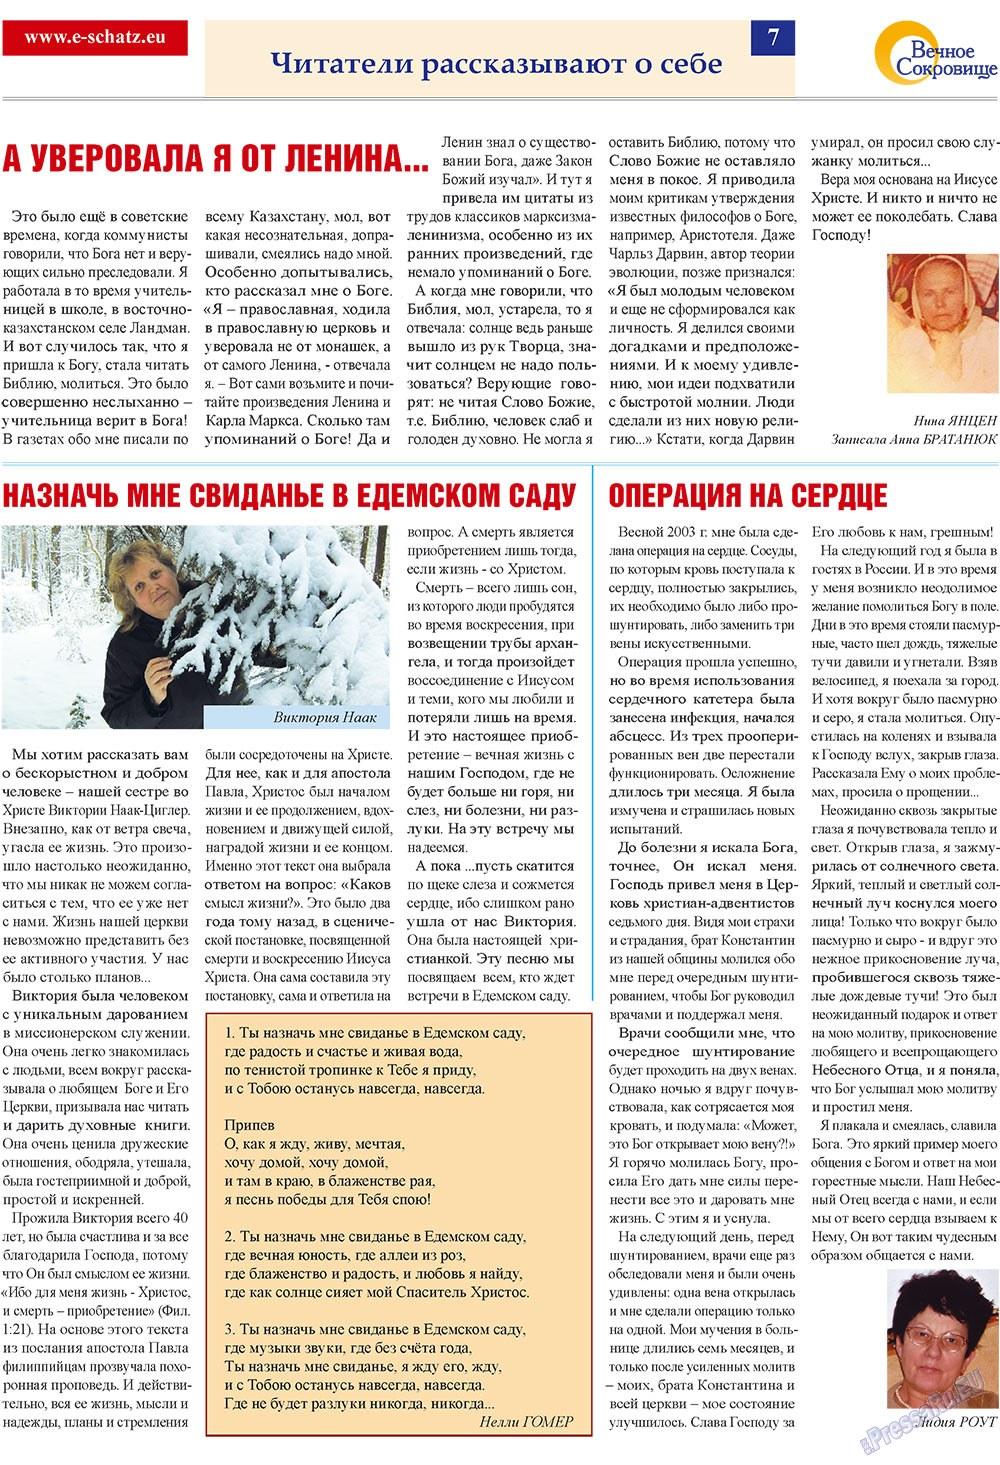 Вечное сокровище (газета). 2009 год, номер 4, стр. 7